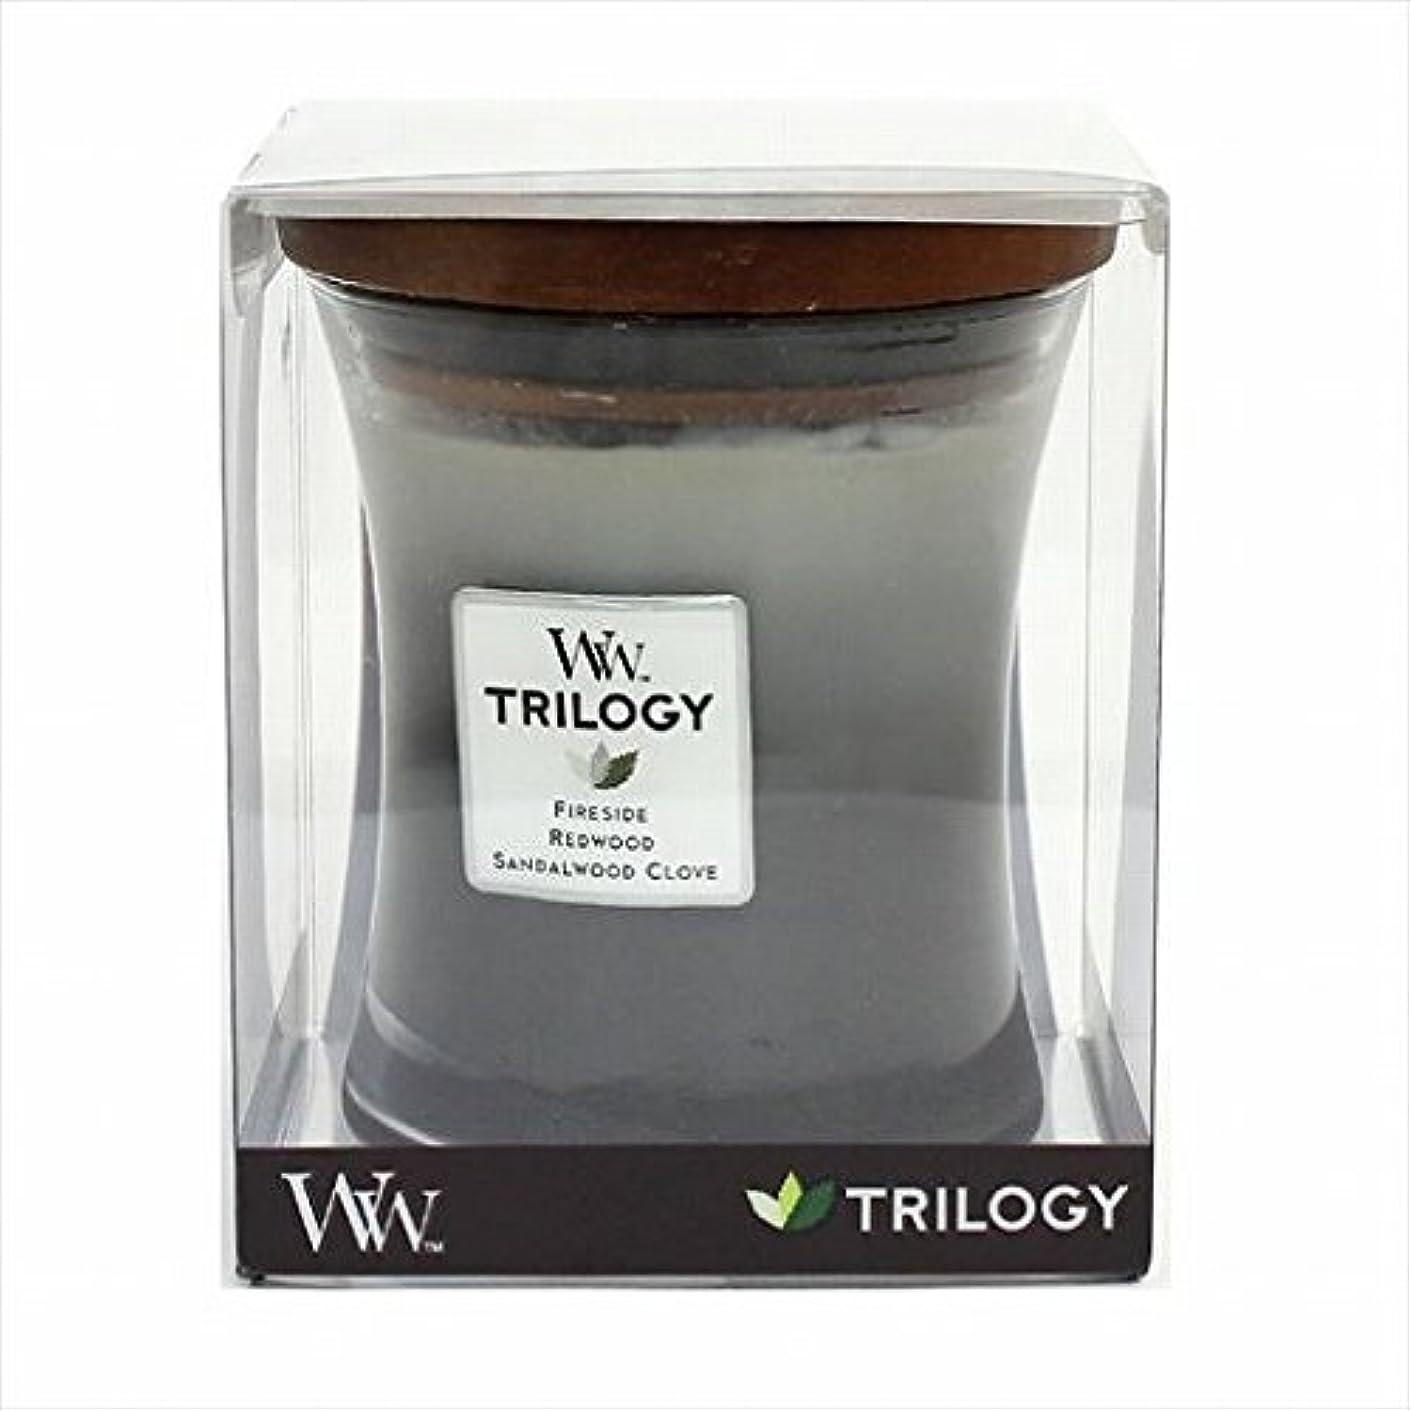 寛大な三十大統領カメヤマキャンドル( kameyama candle ) Wood Wick トリロジージャーM 「 ウォームウッズ 」